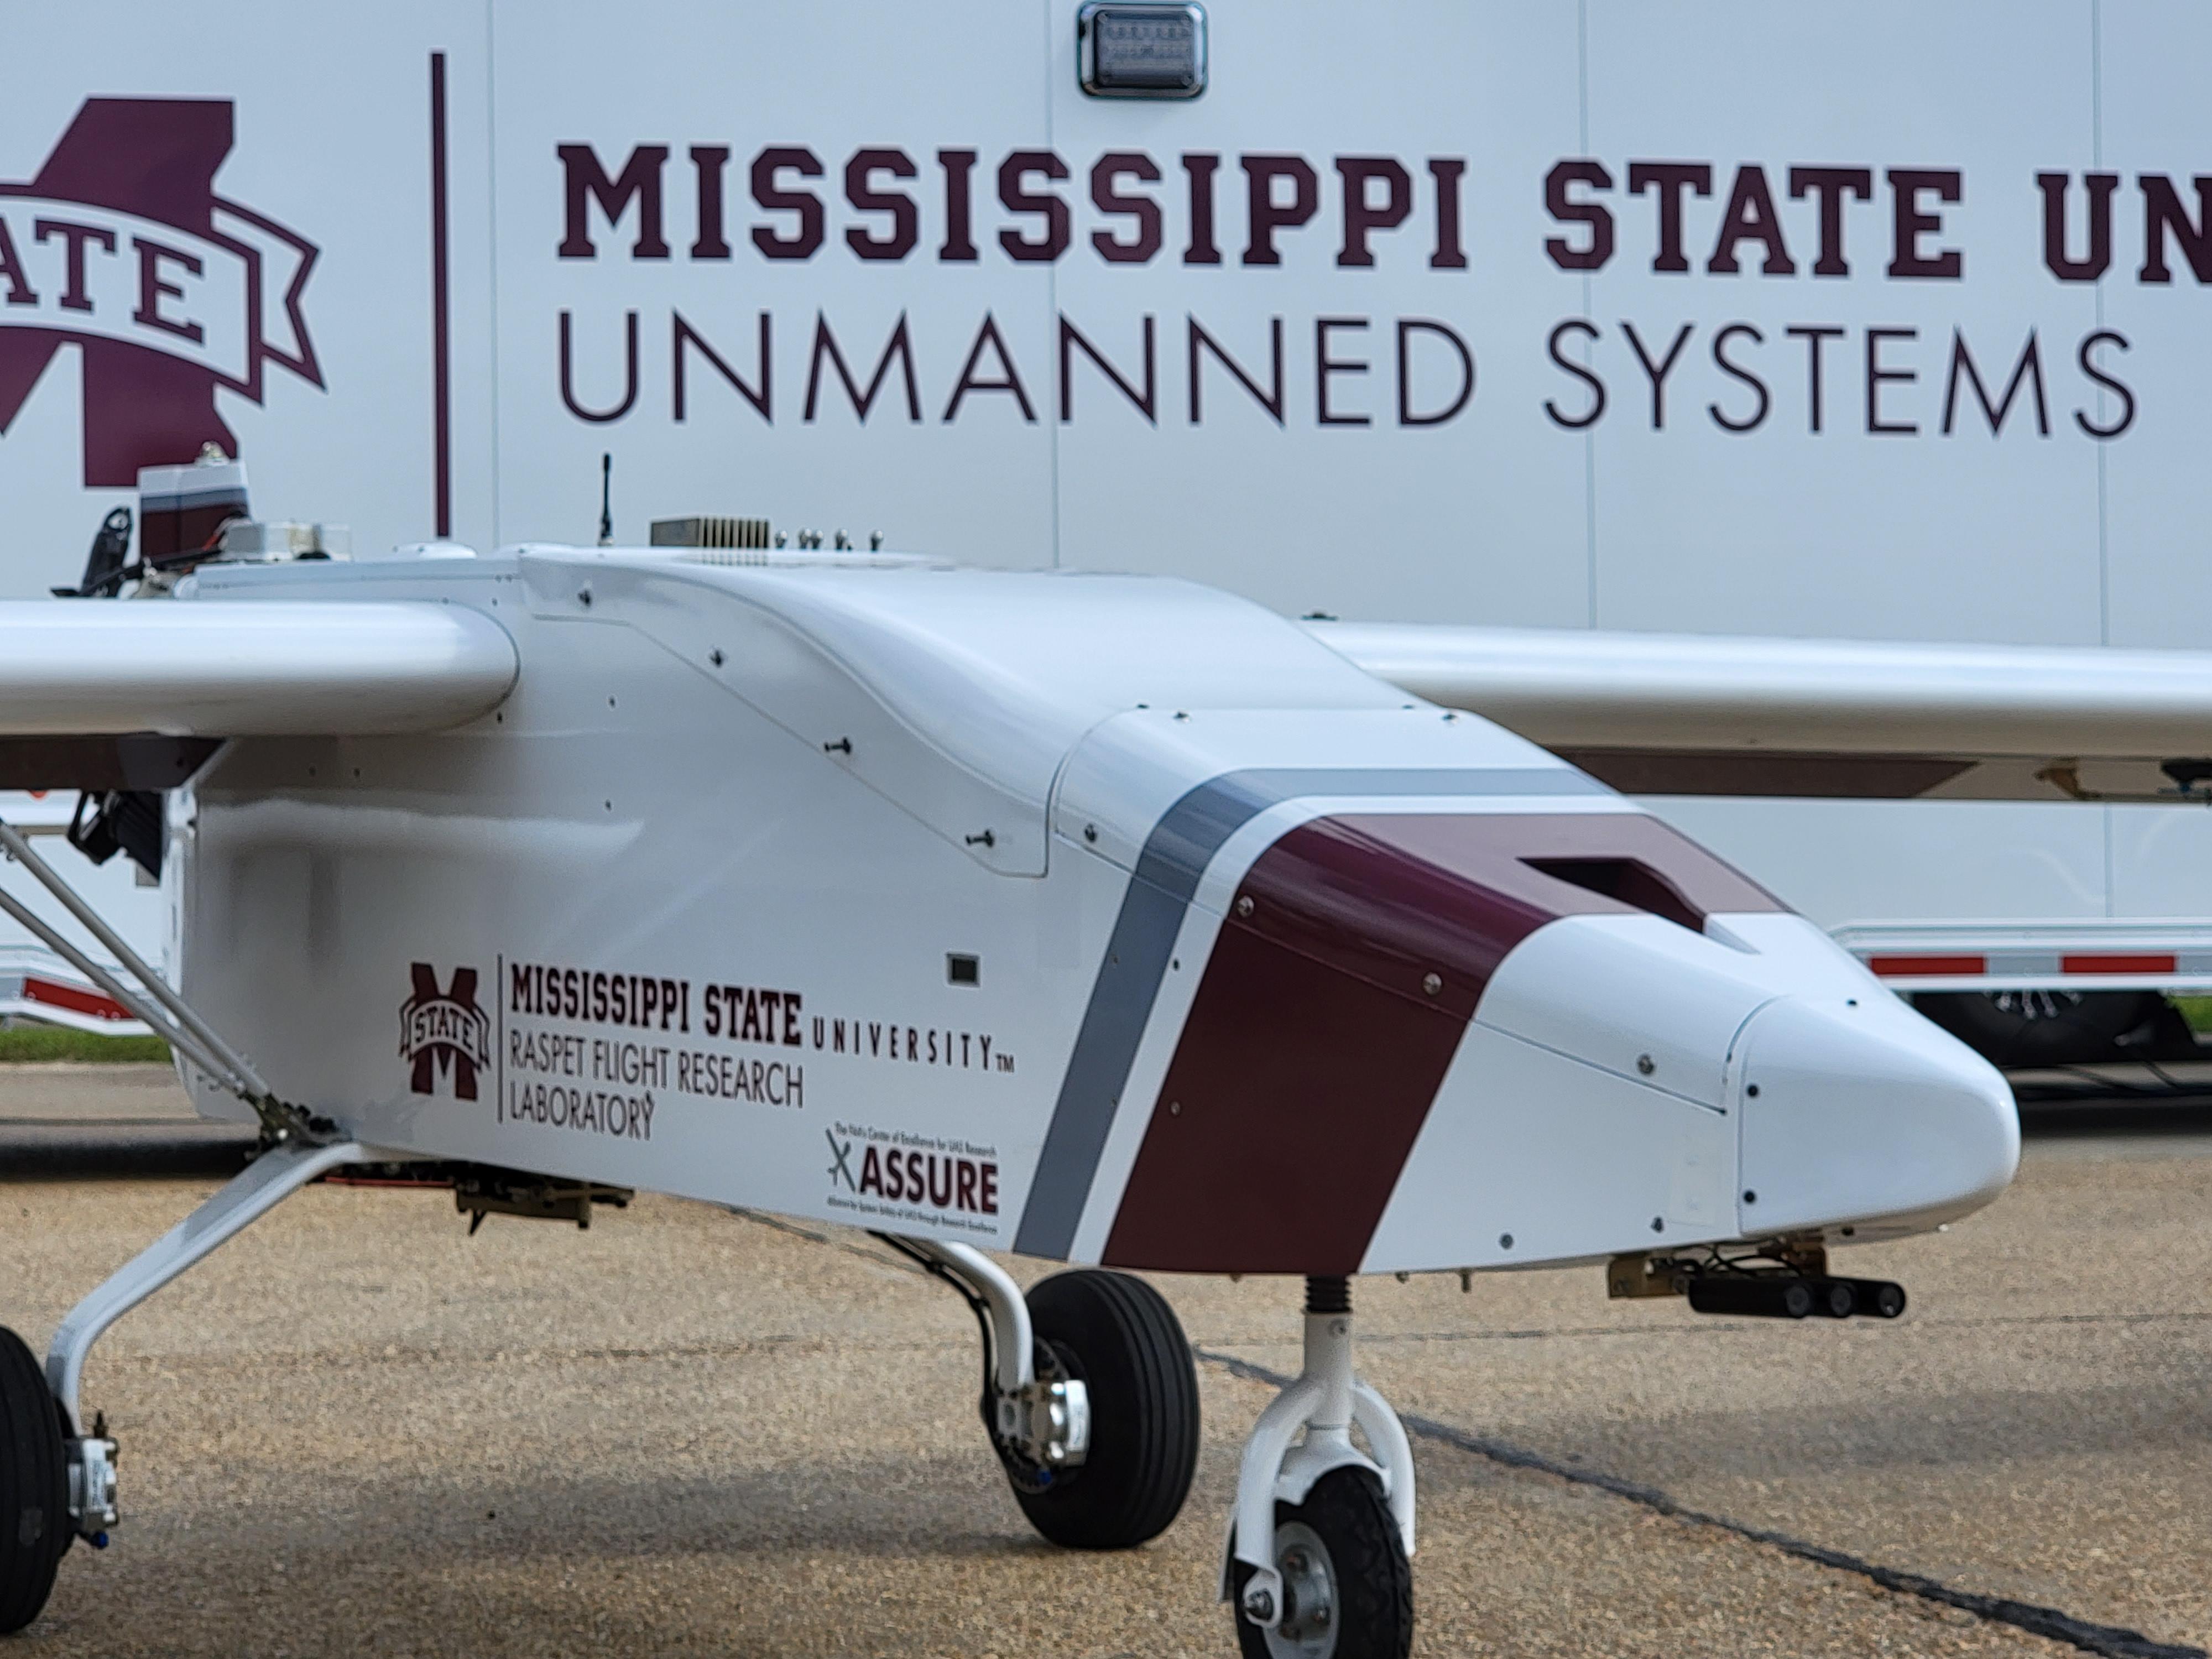 Image of aircraft